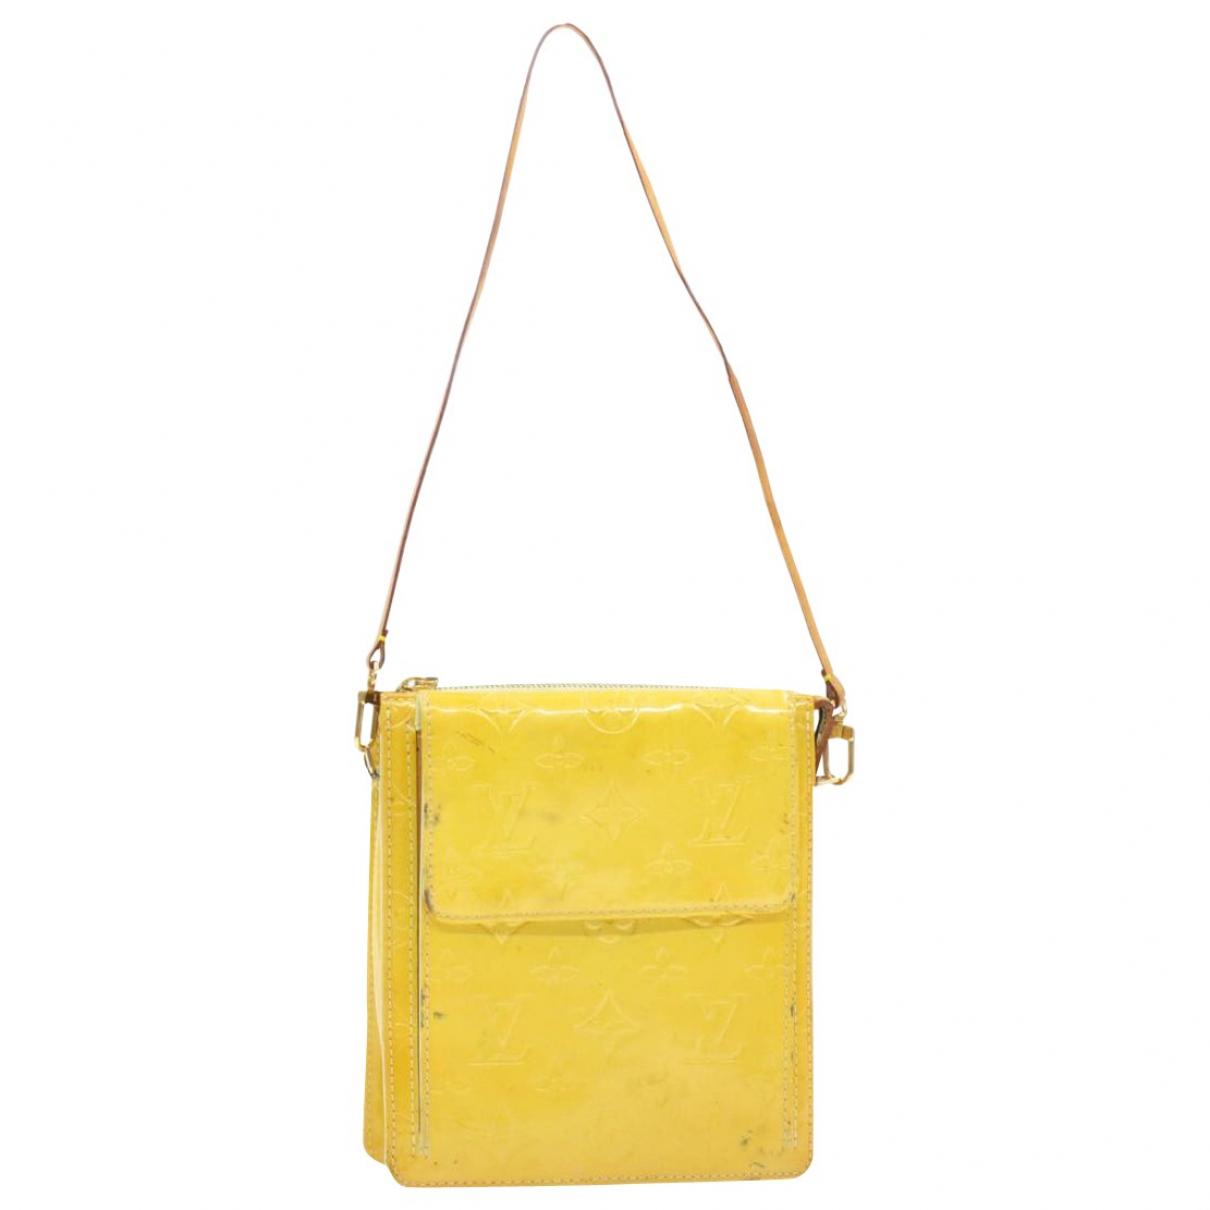 Louis Vuitton - Sac de voyage   pour femme en cuir verni - jaune